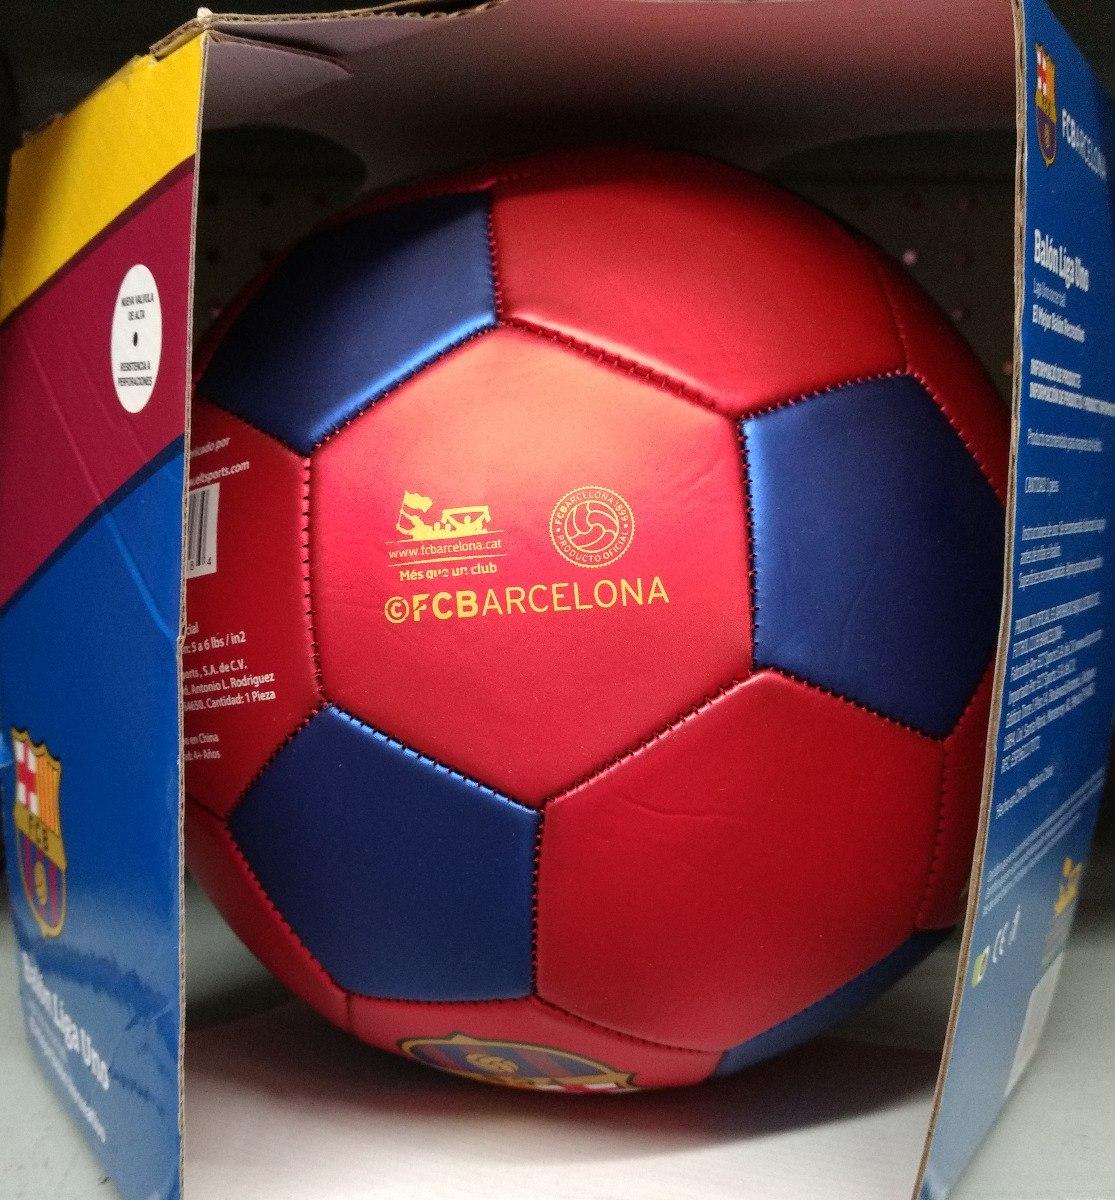 Balon Futbol Barcelona Oficial Tamaño 5 -   399.00 en Mercado Libre 7c33da55b0c98